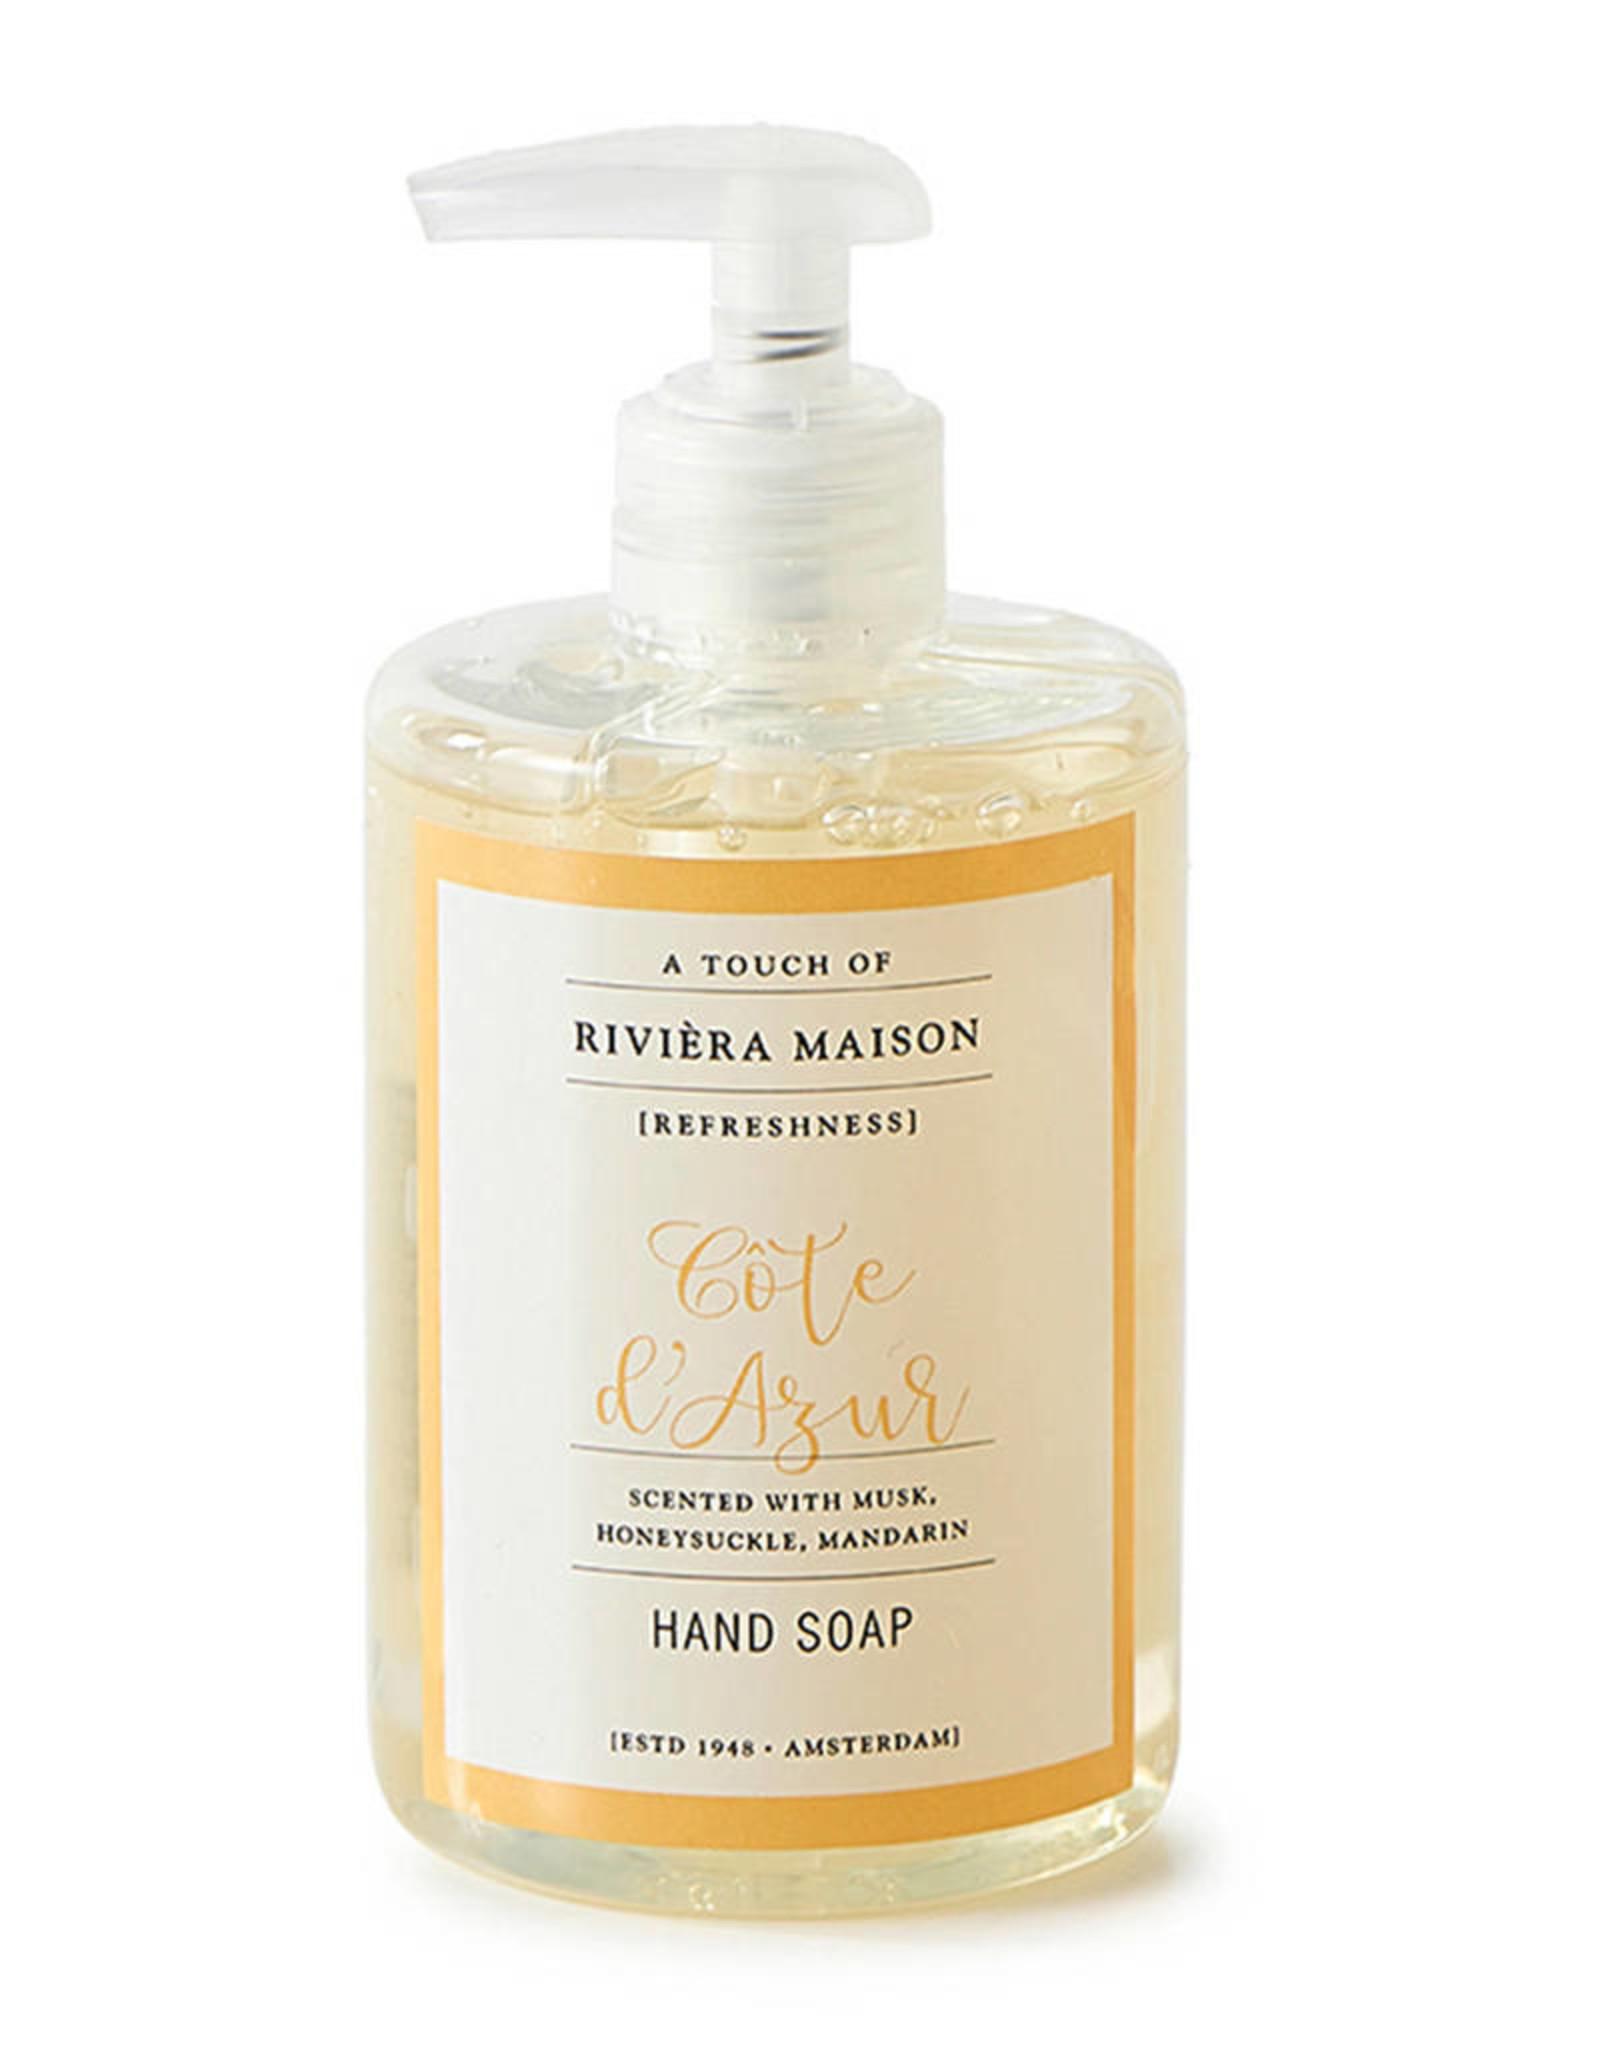 Riviera Maison A touch of cote D'azur Hand Soap 300